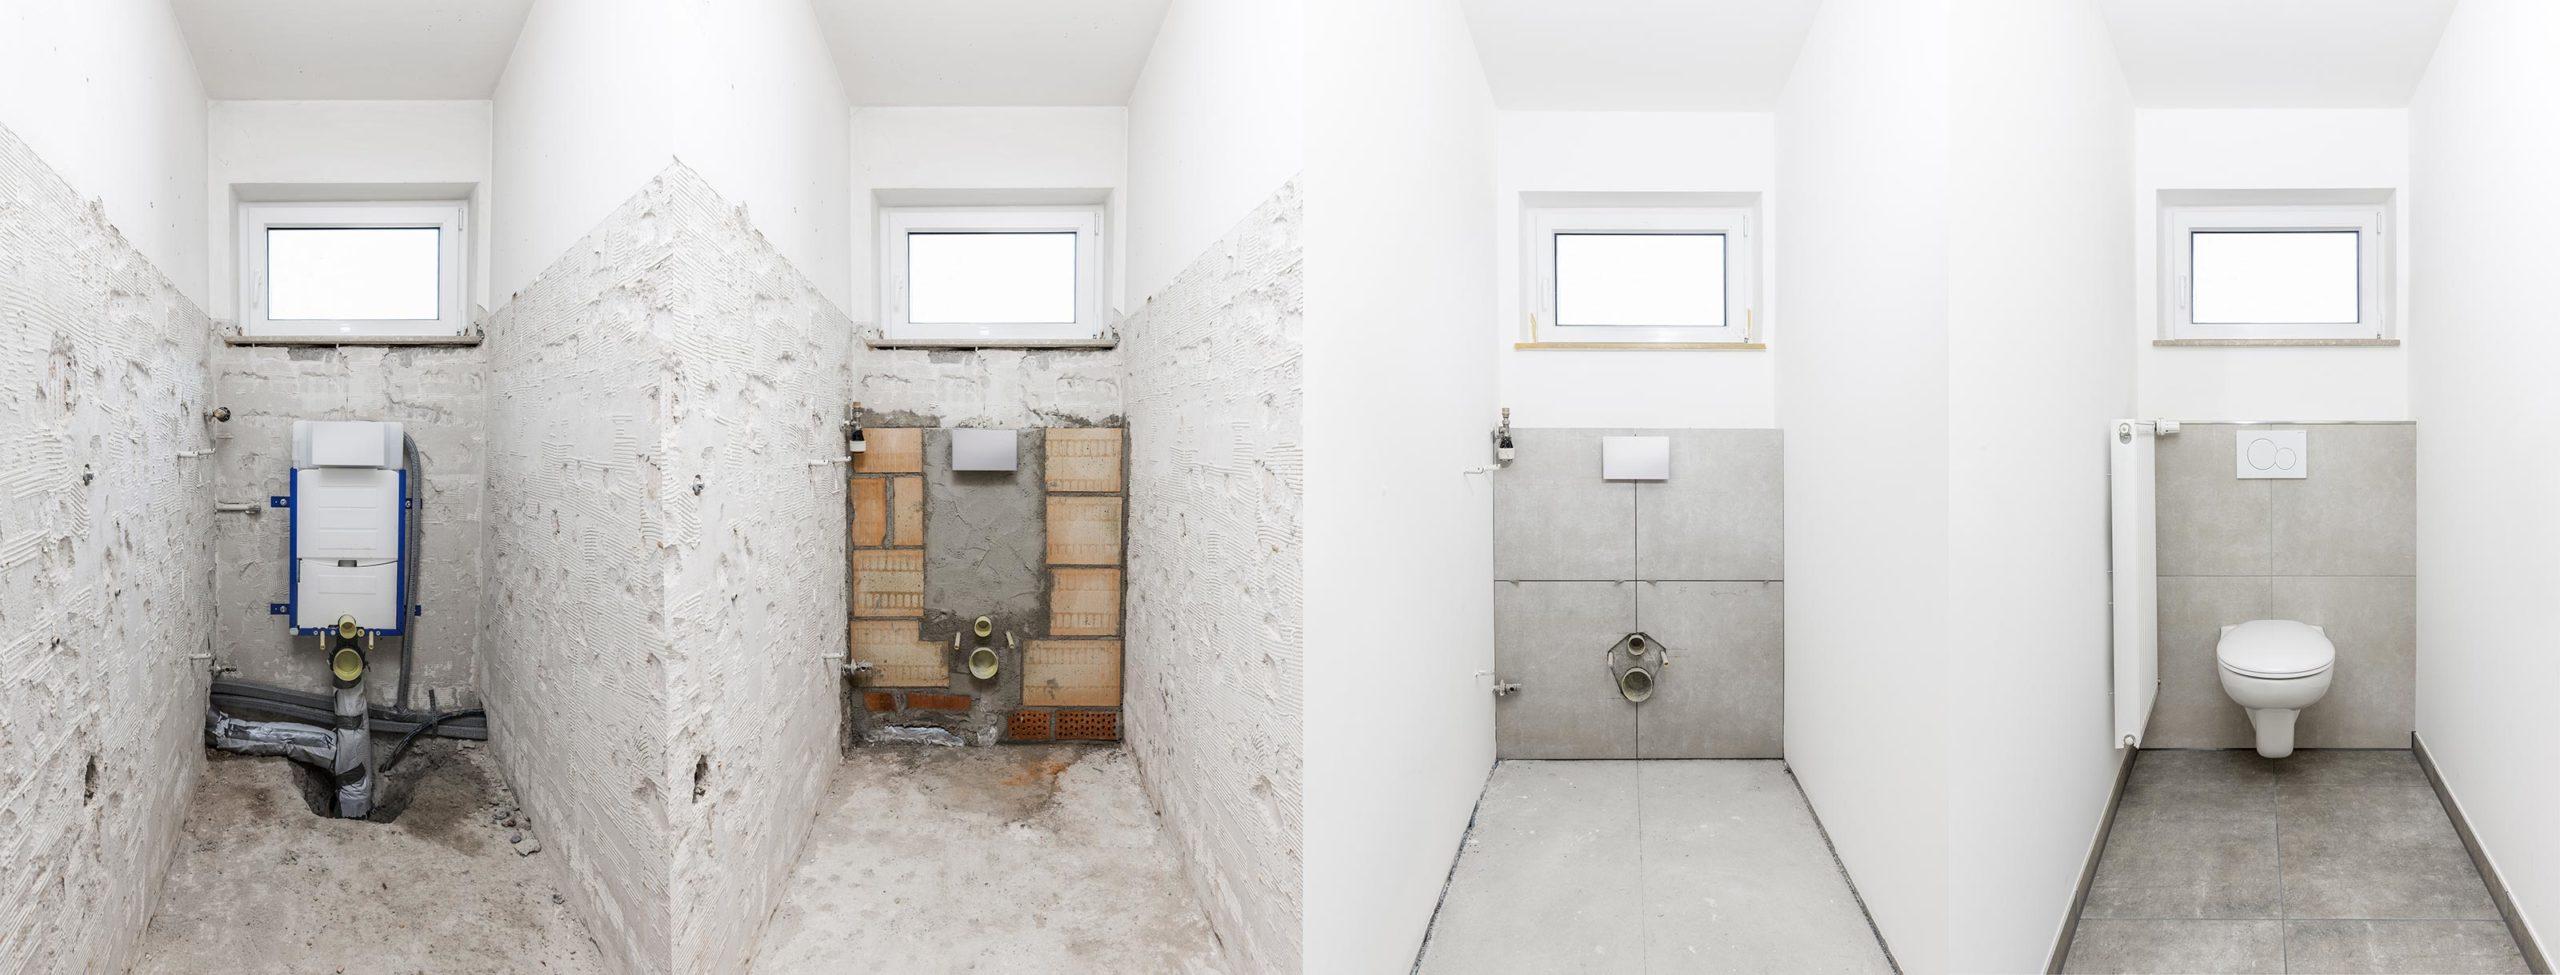 Rénovation sanitaire, salle de bains et WC